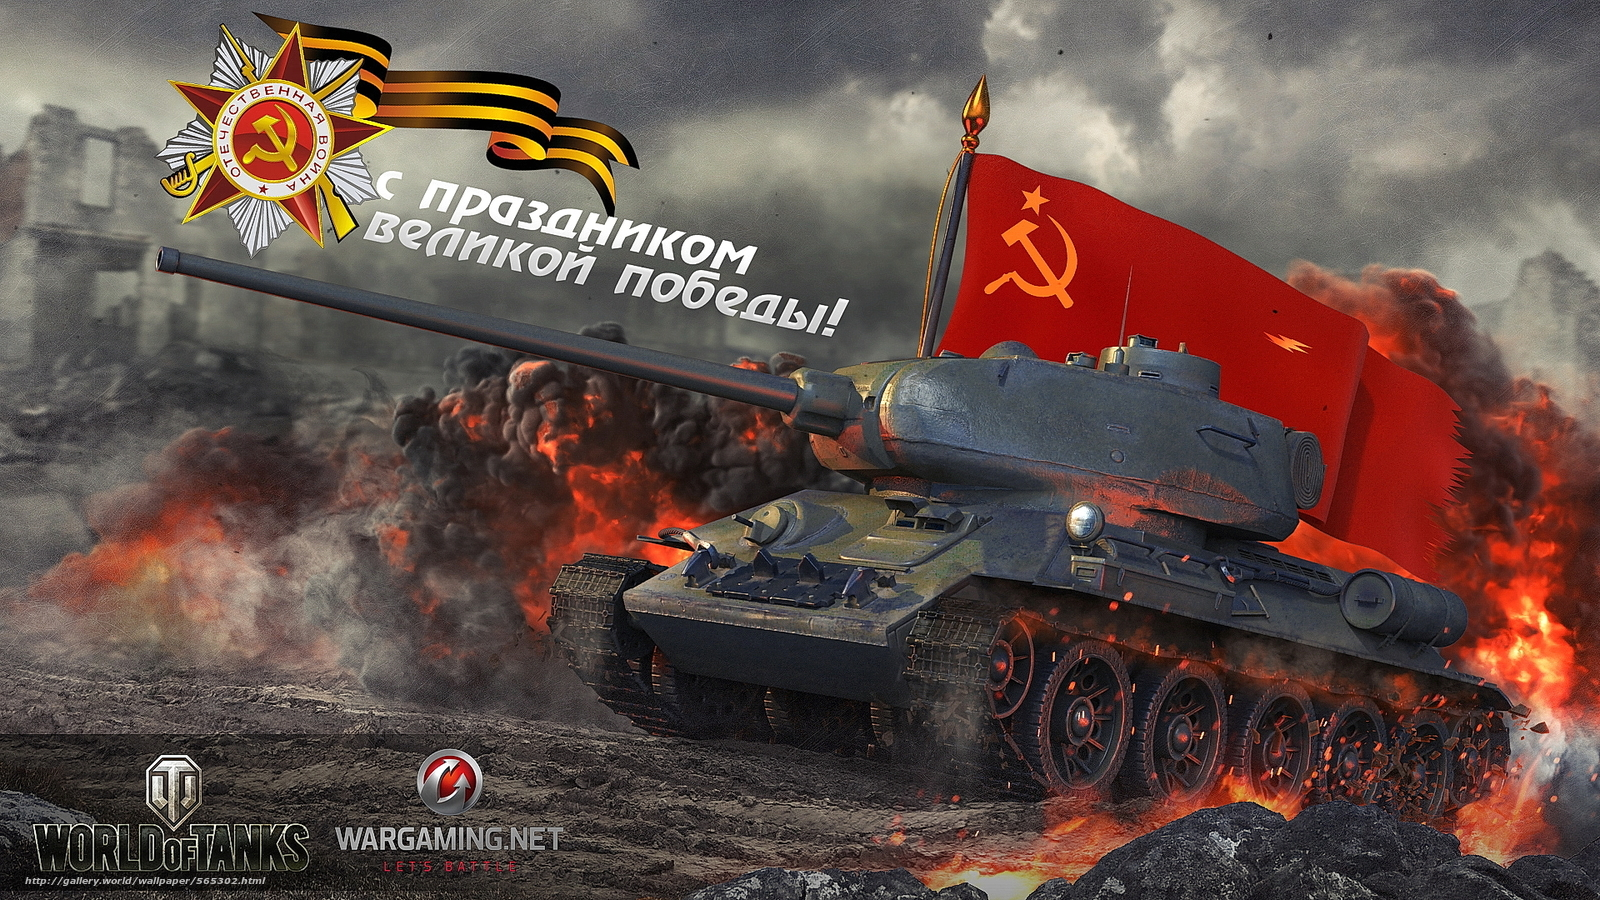 День танкиста 2018, поздравления танкисту - Поздравок 10